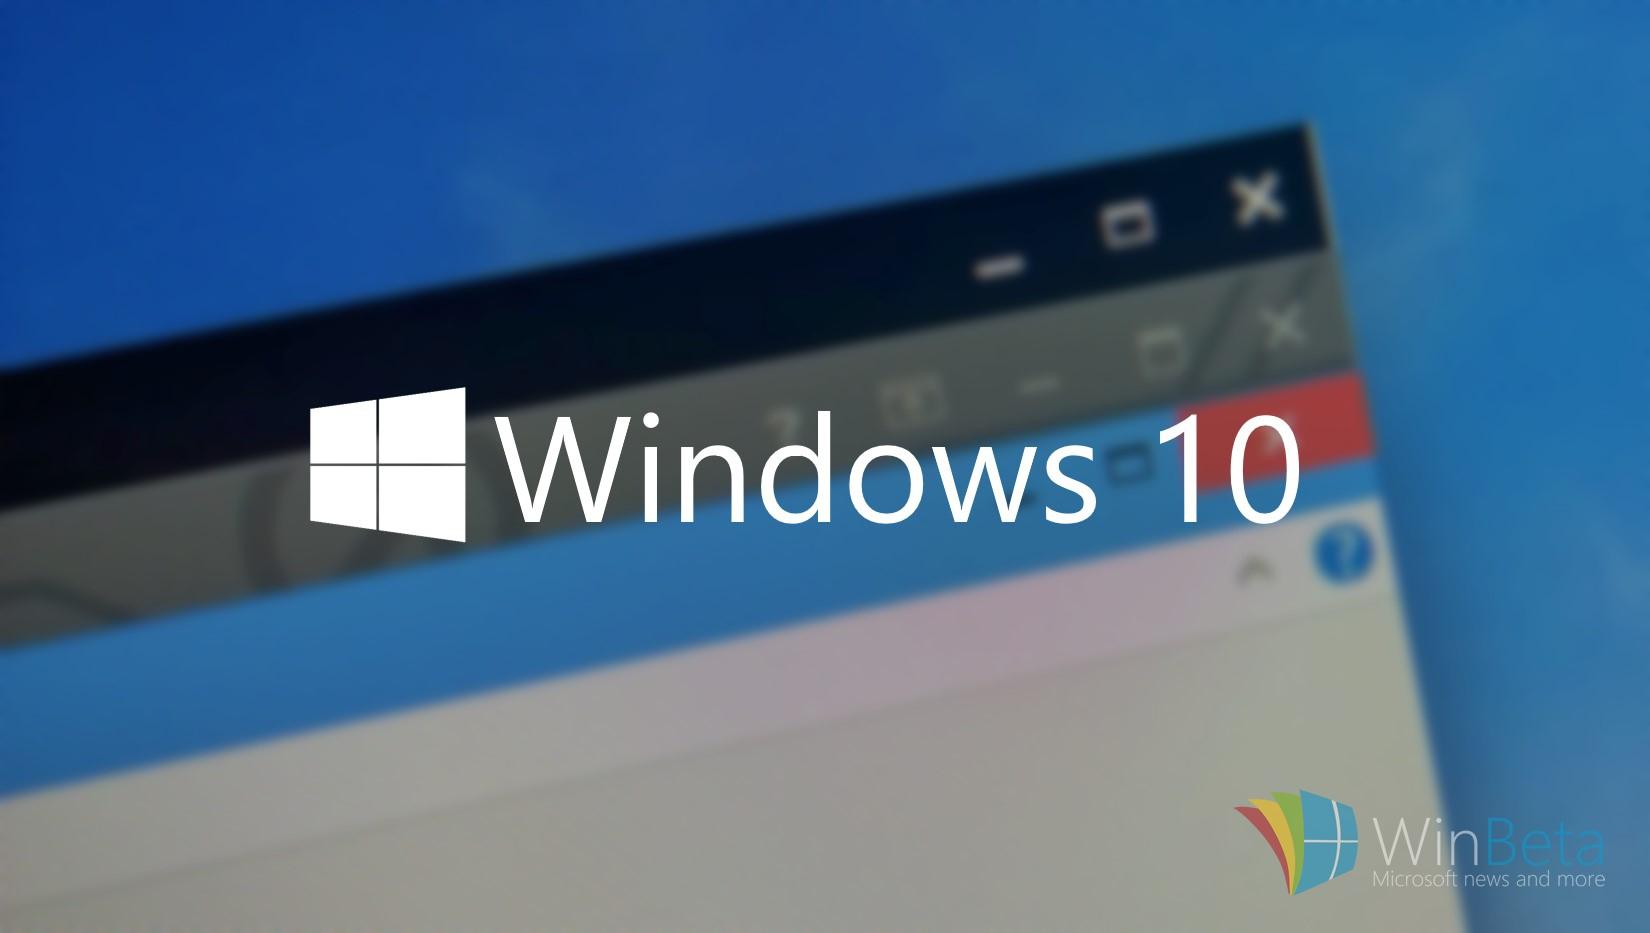 Новая версия Windows 10 попала в Сеть раньше срока